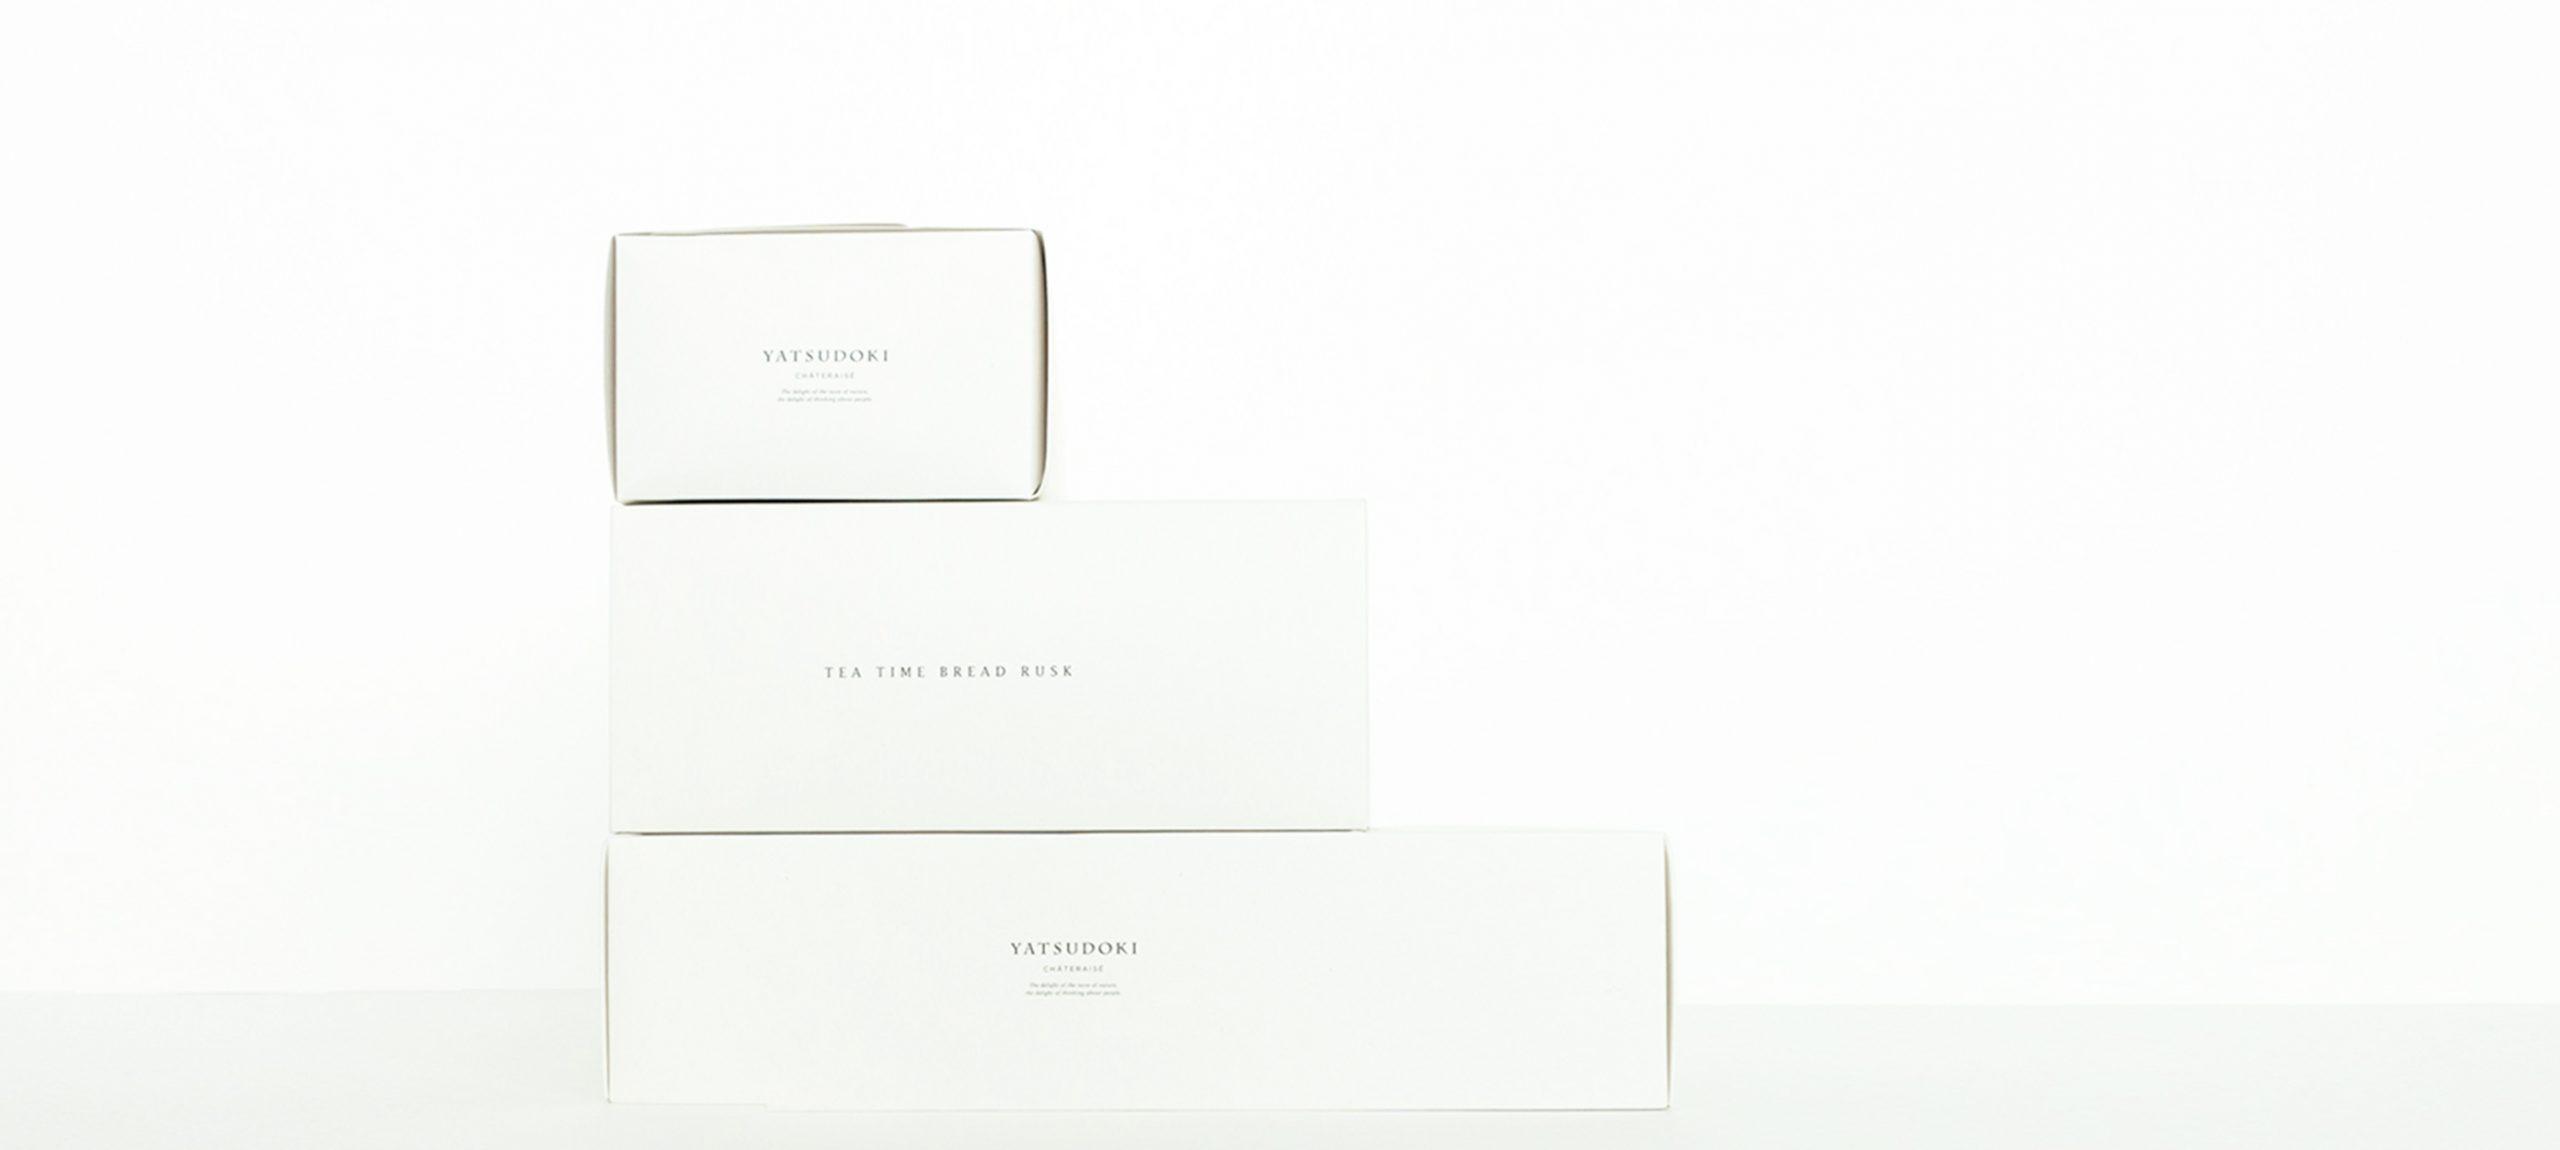 ヤツドキパッケージデザイン、バターどら焼き、ラスク、グランレシピズ、